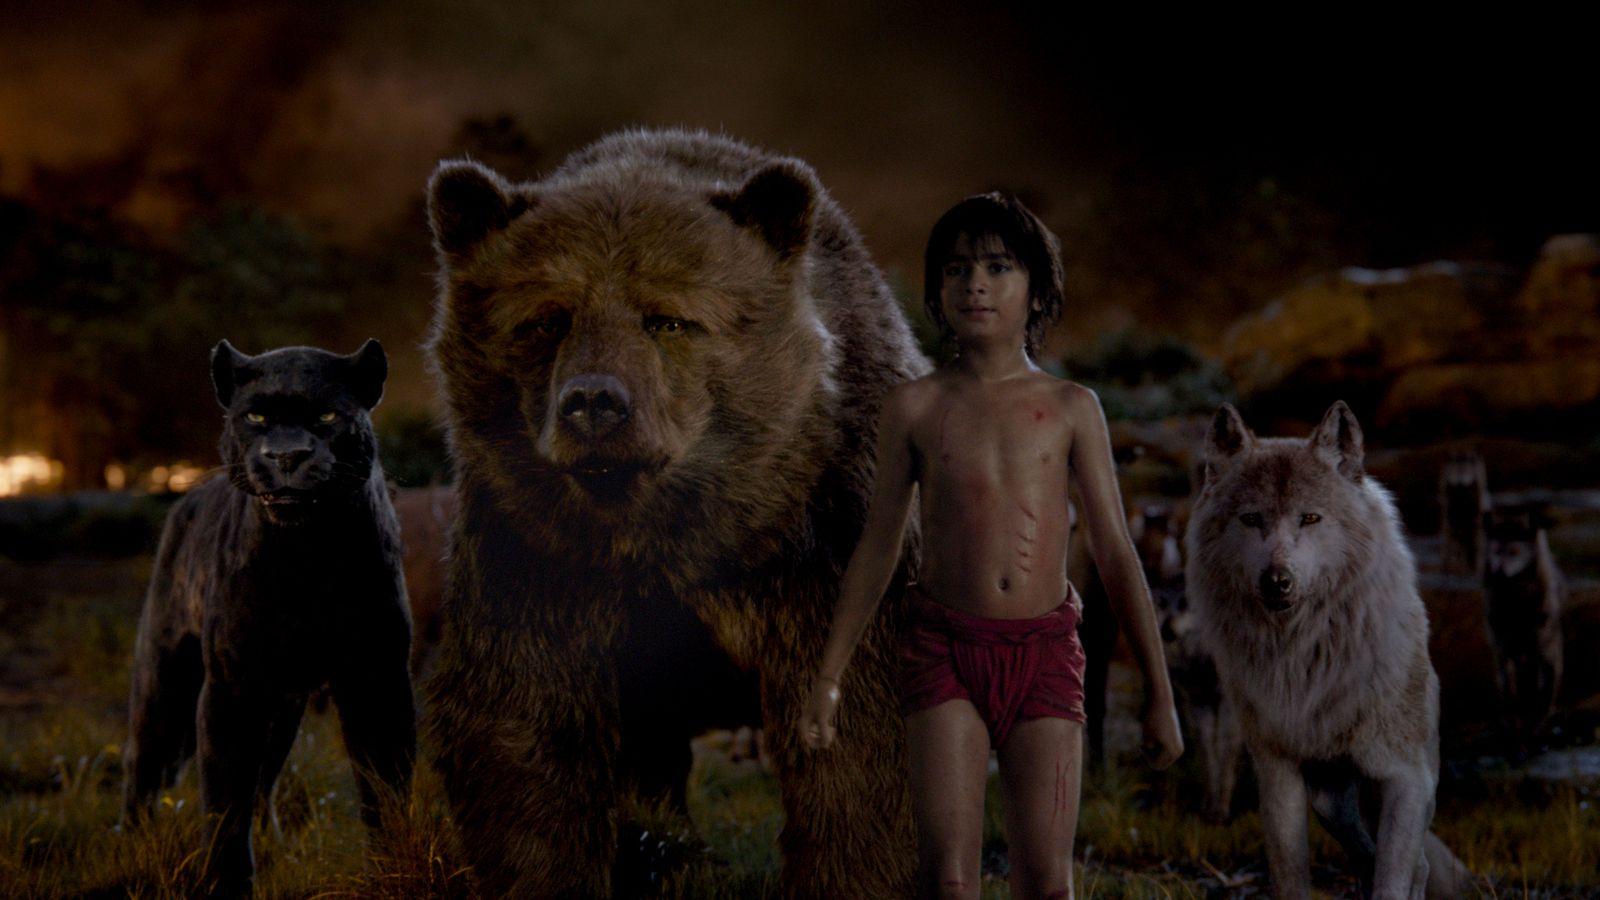 The Jungle Book เป็นการรีเมคไลฟ์แอ็กชันเรื่องแรกของดิสนีย์